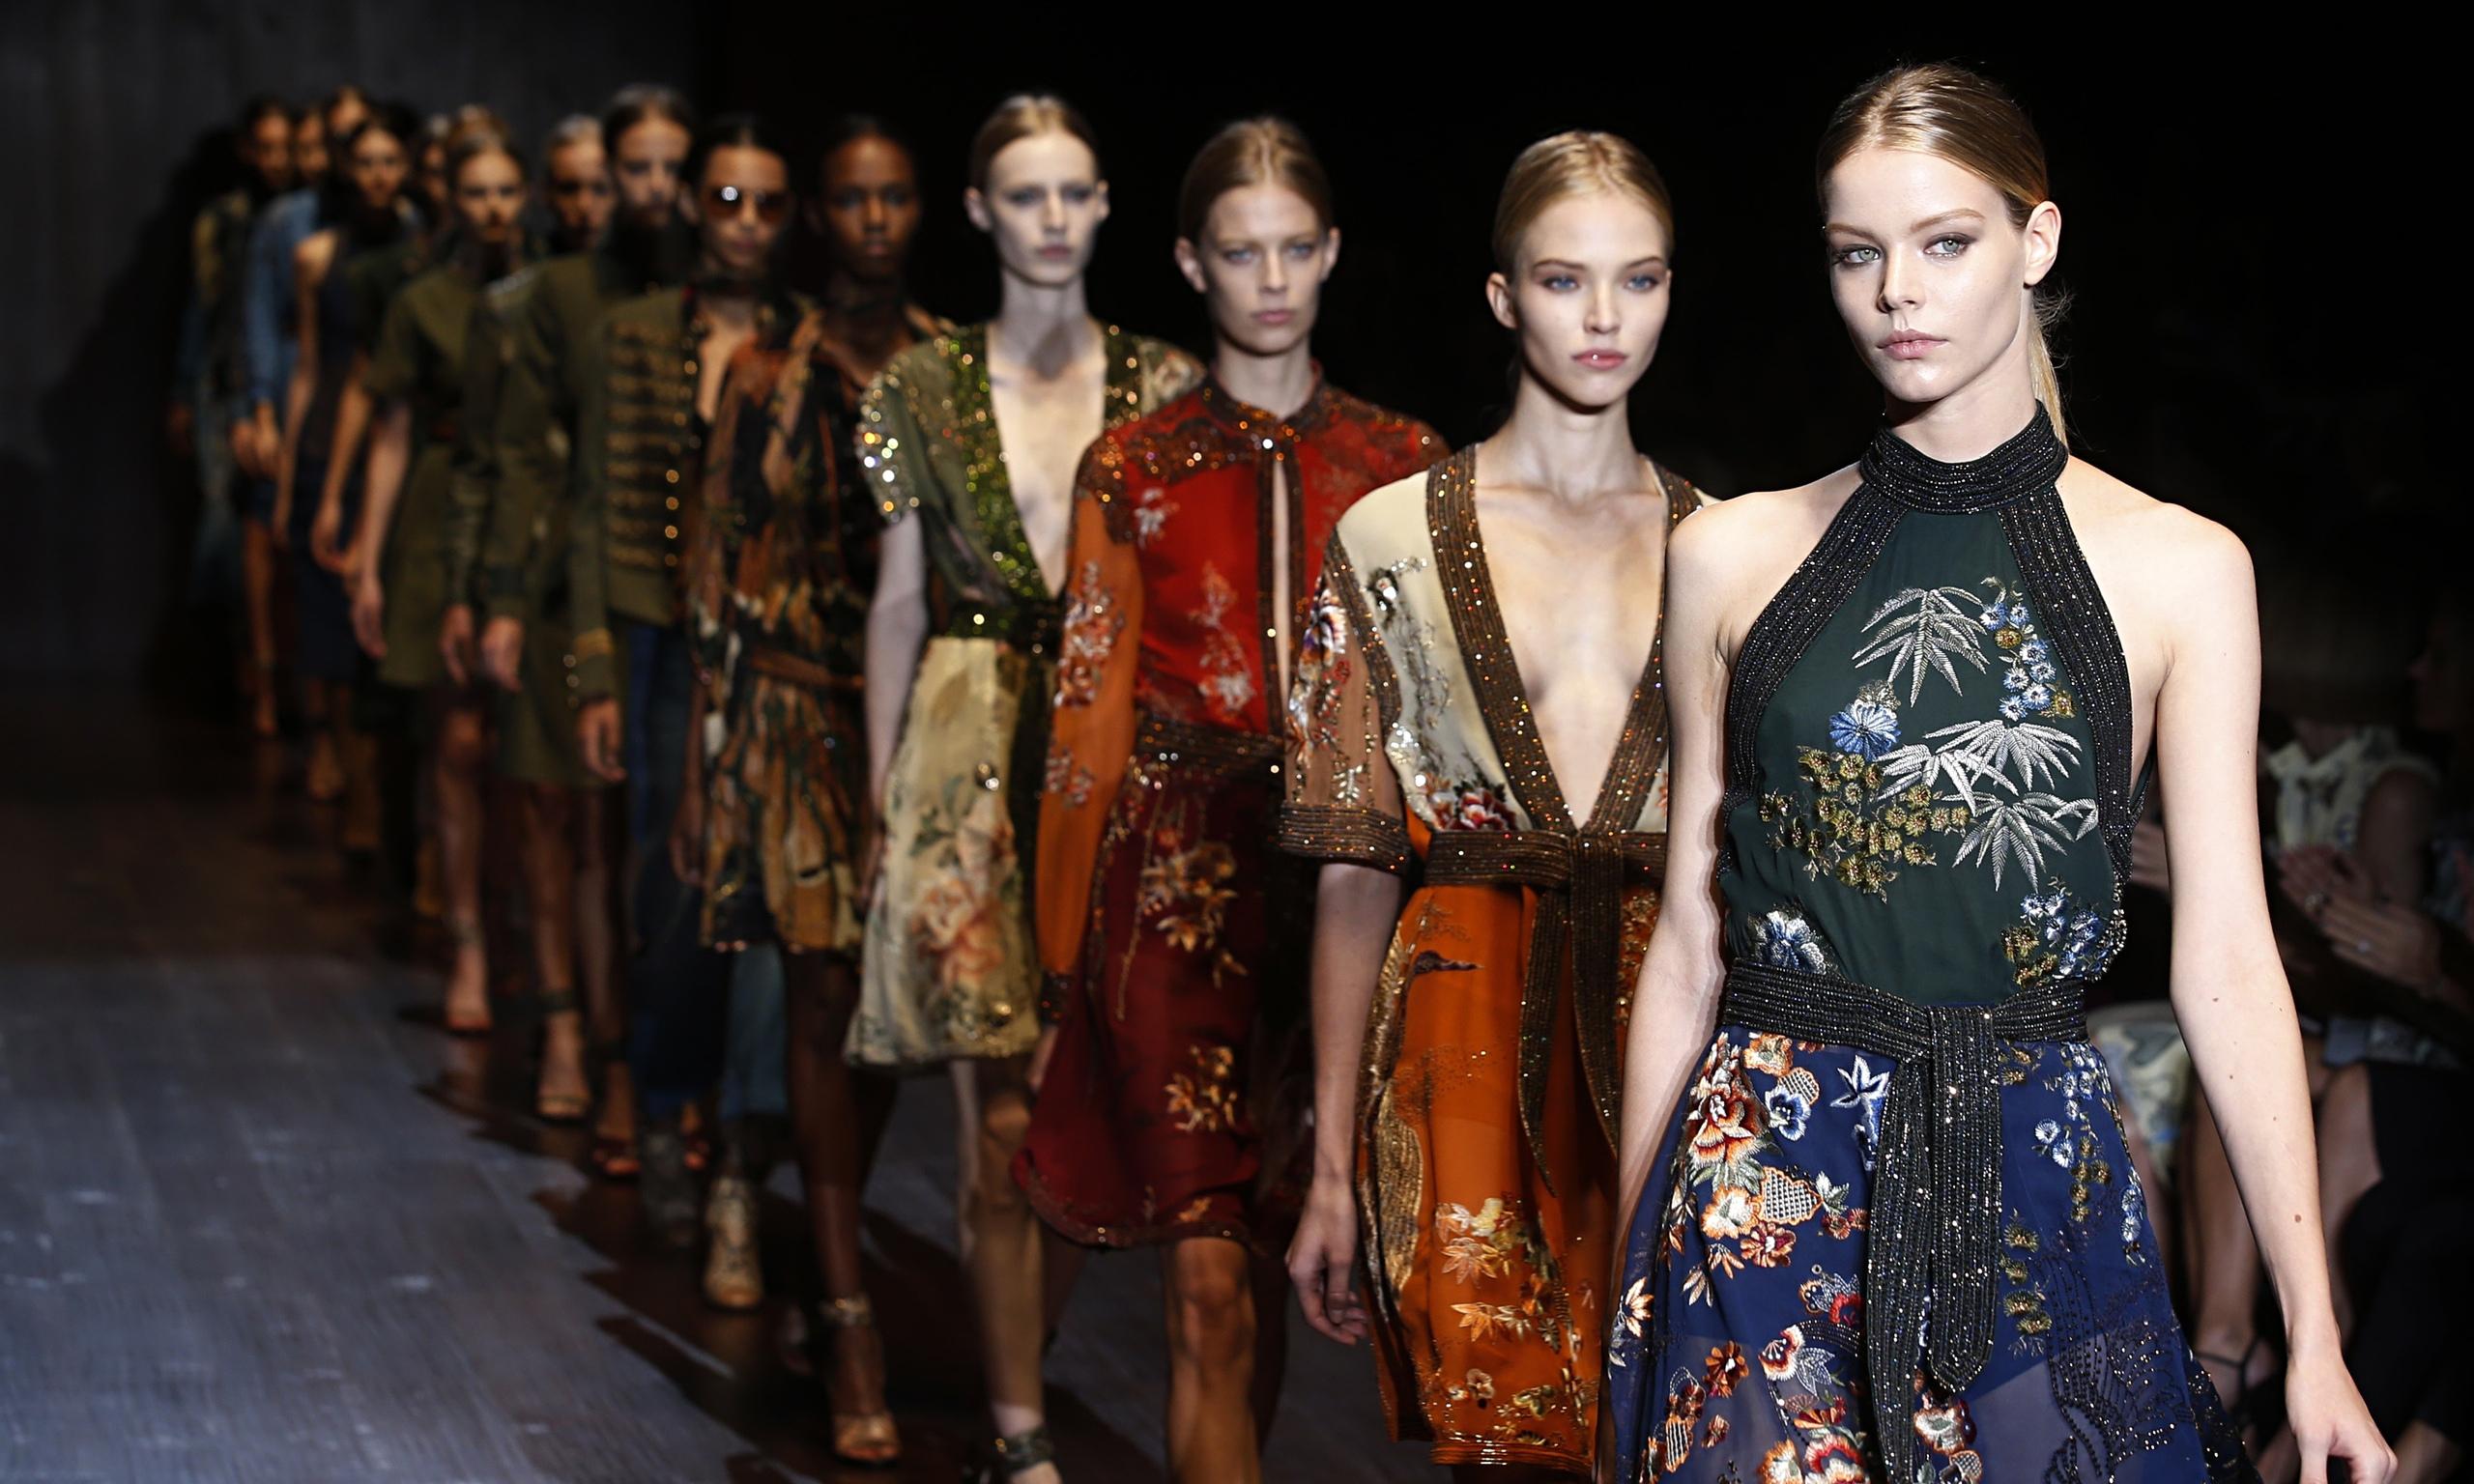 La fashion week d barque milan toutelaculture for Politecnico milano design della moda